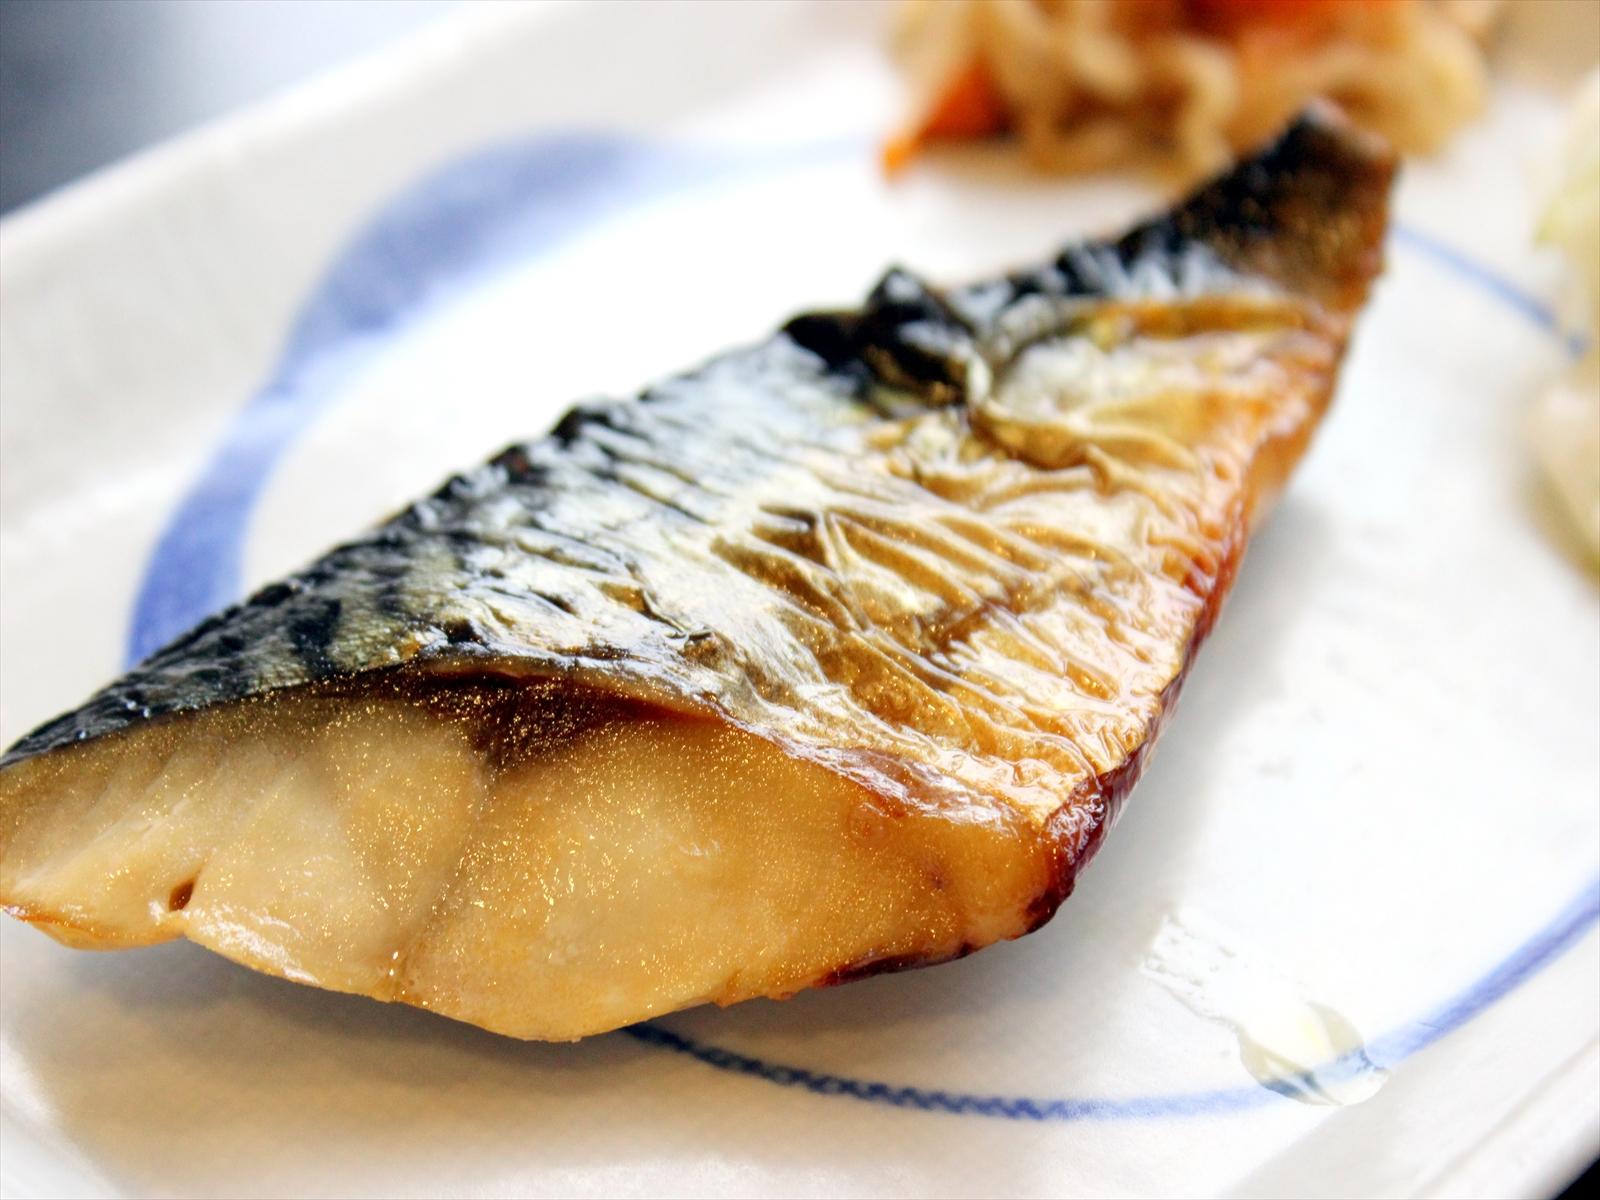 ふっくら香ばしい焼き魚